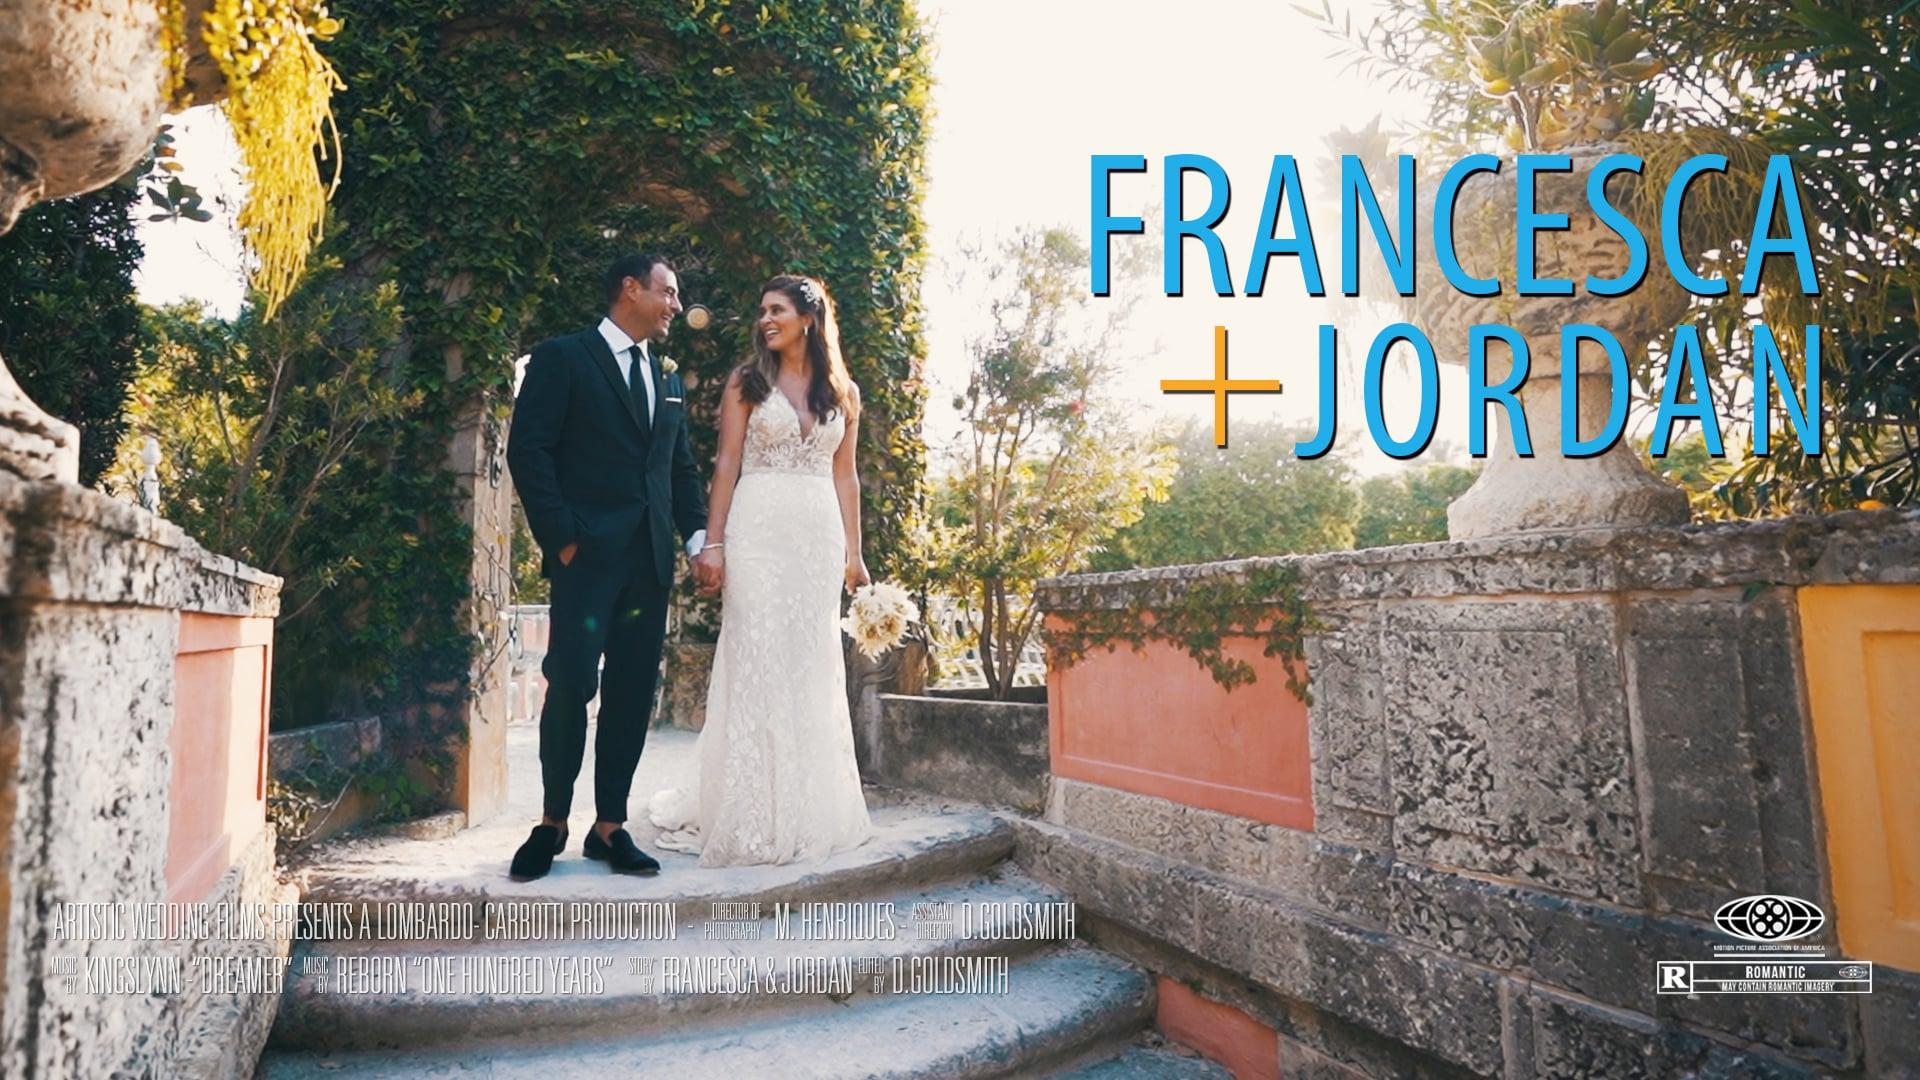 Vizcaya Wedding // Francesca & Jordan's Trailer // Destination Wedding // Miami Wedding // Vizcaya Museum & Gardens